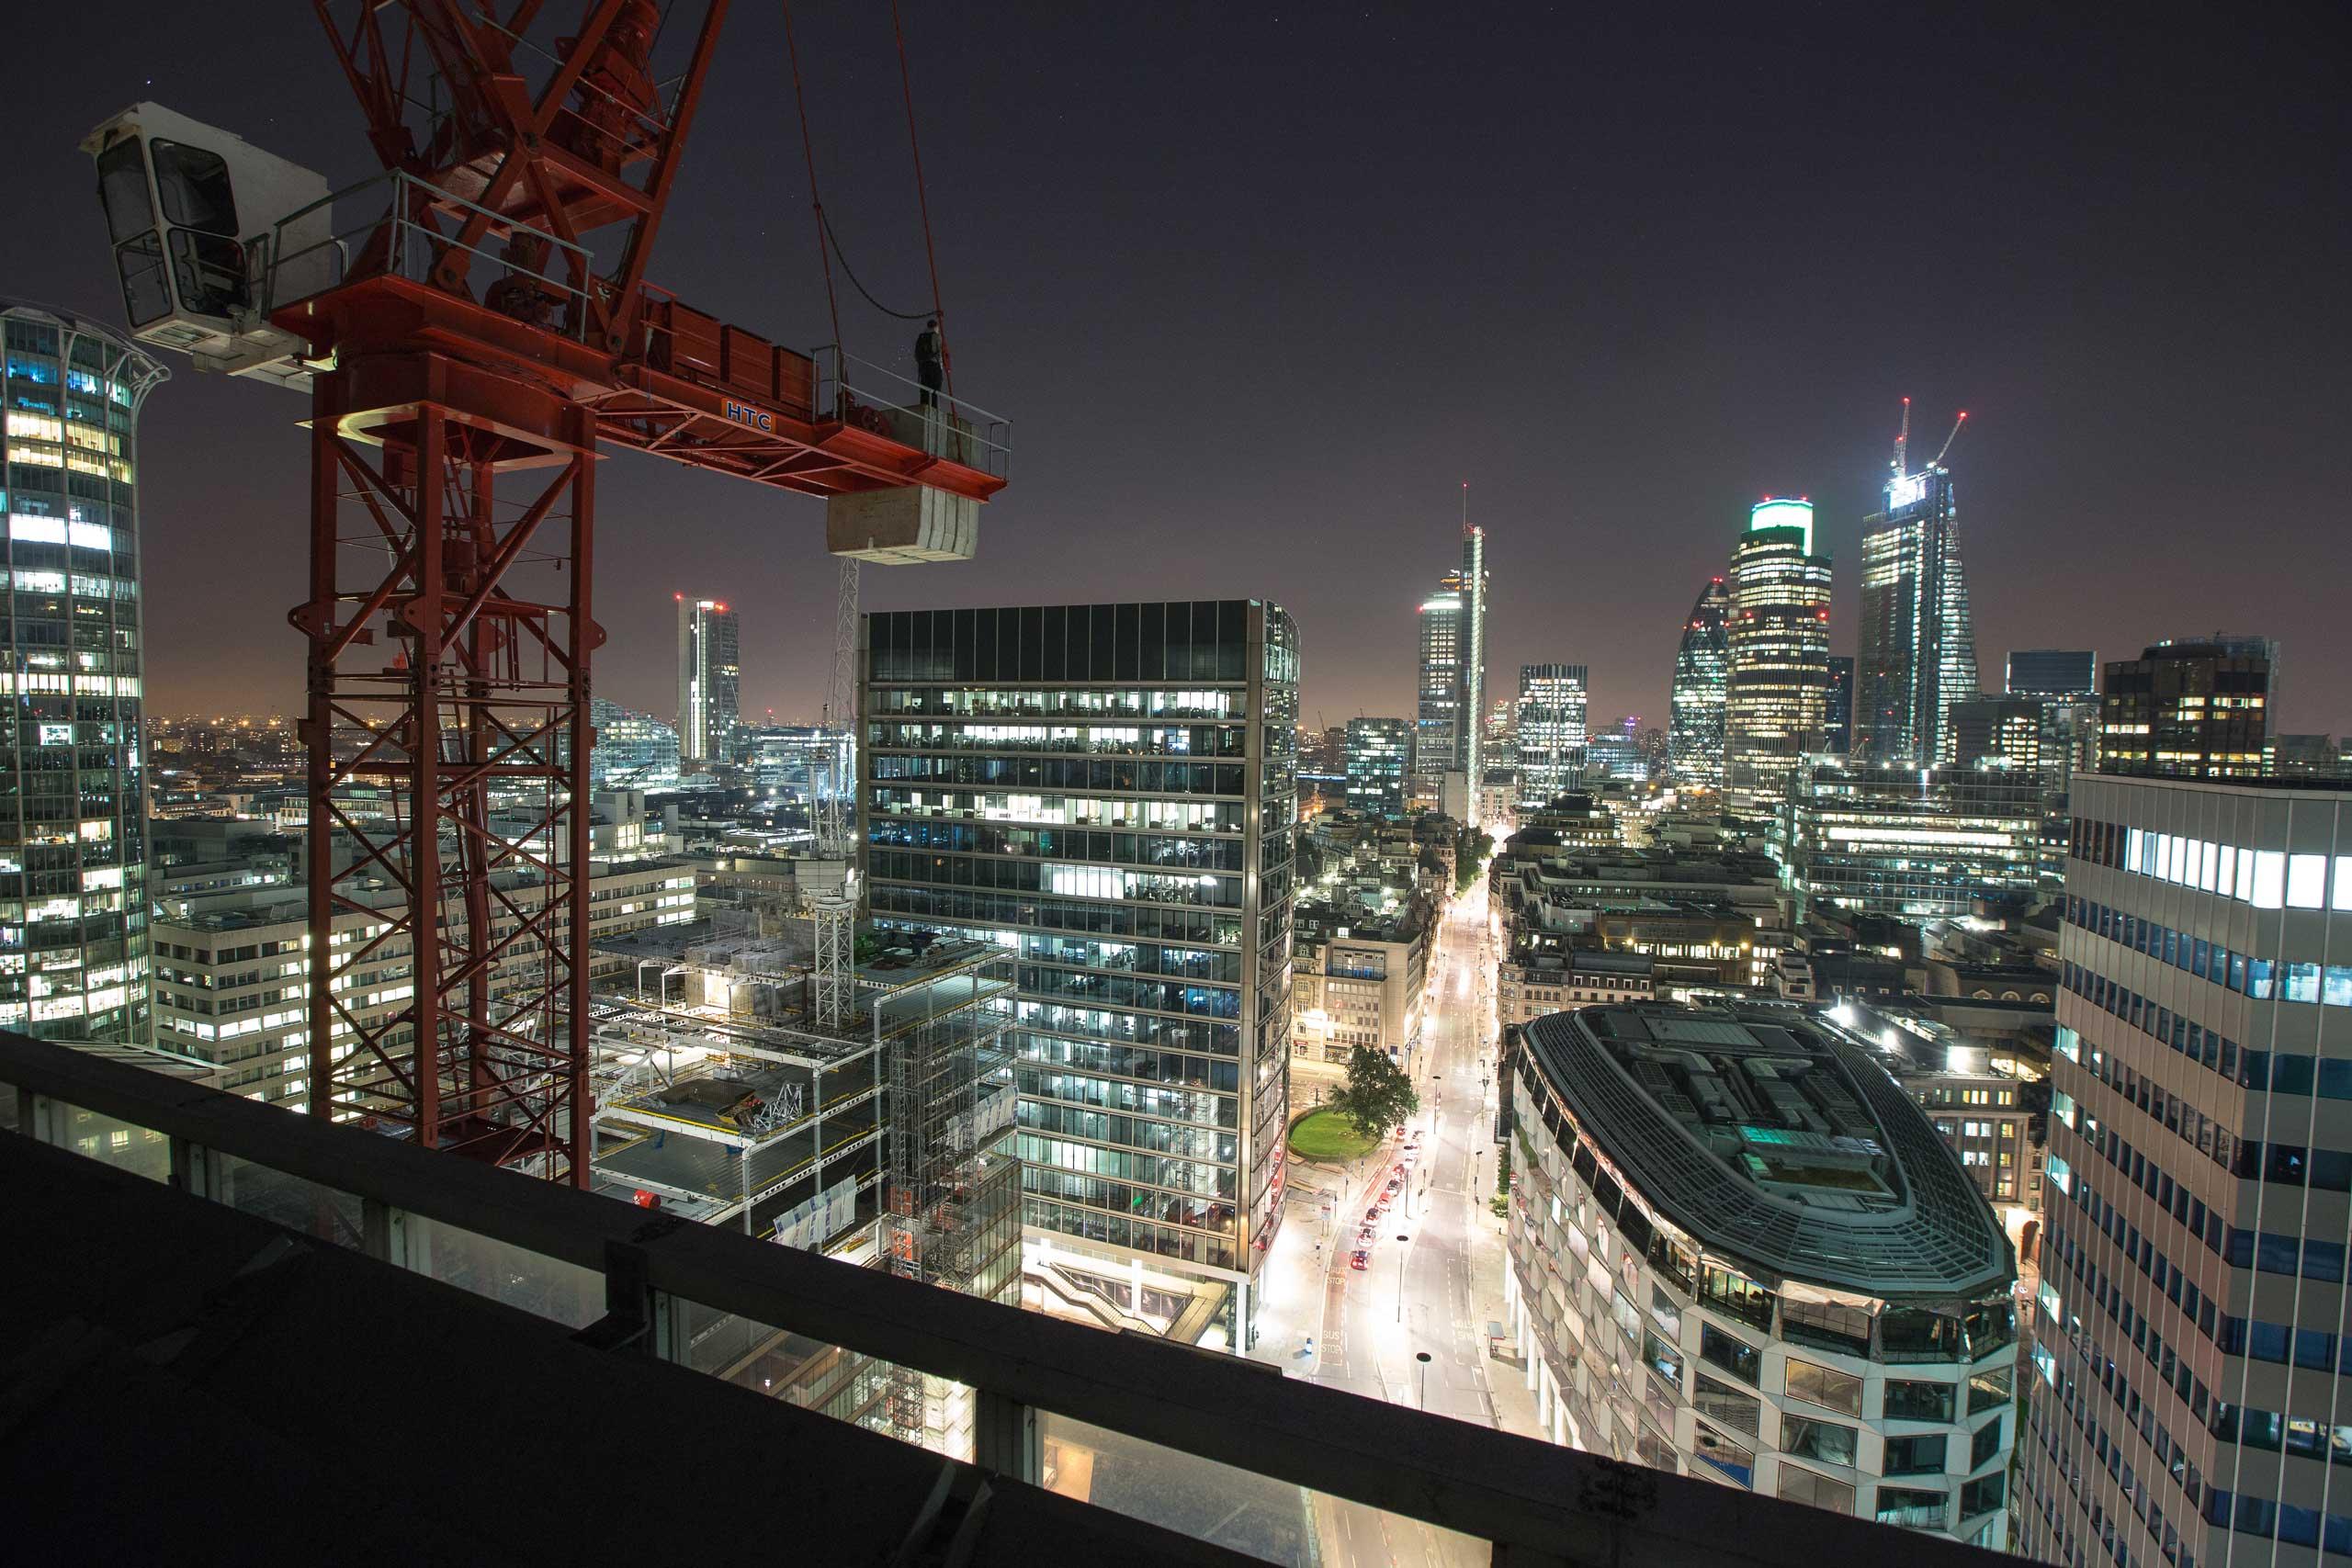 Trocadero 2, Soho, London Rising